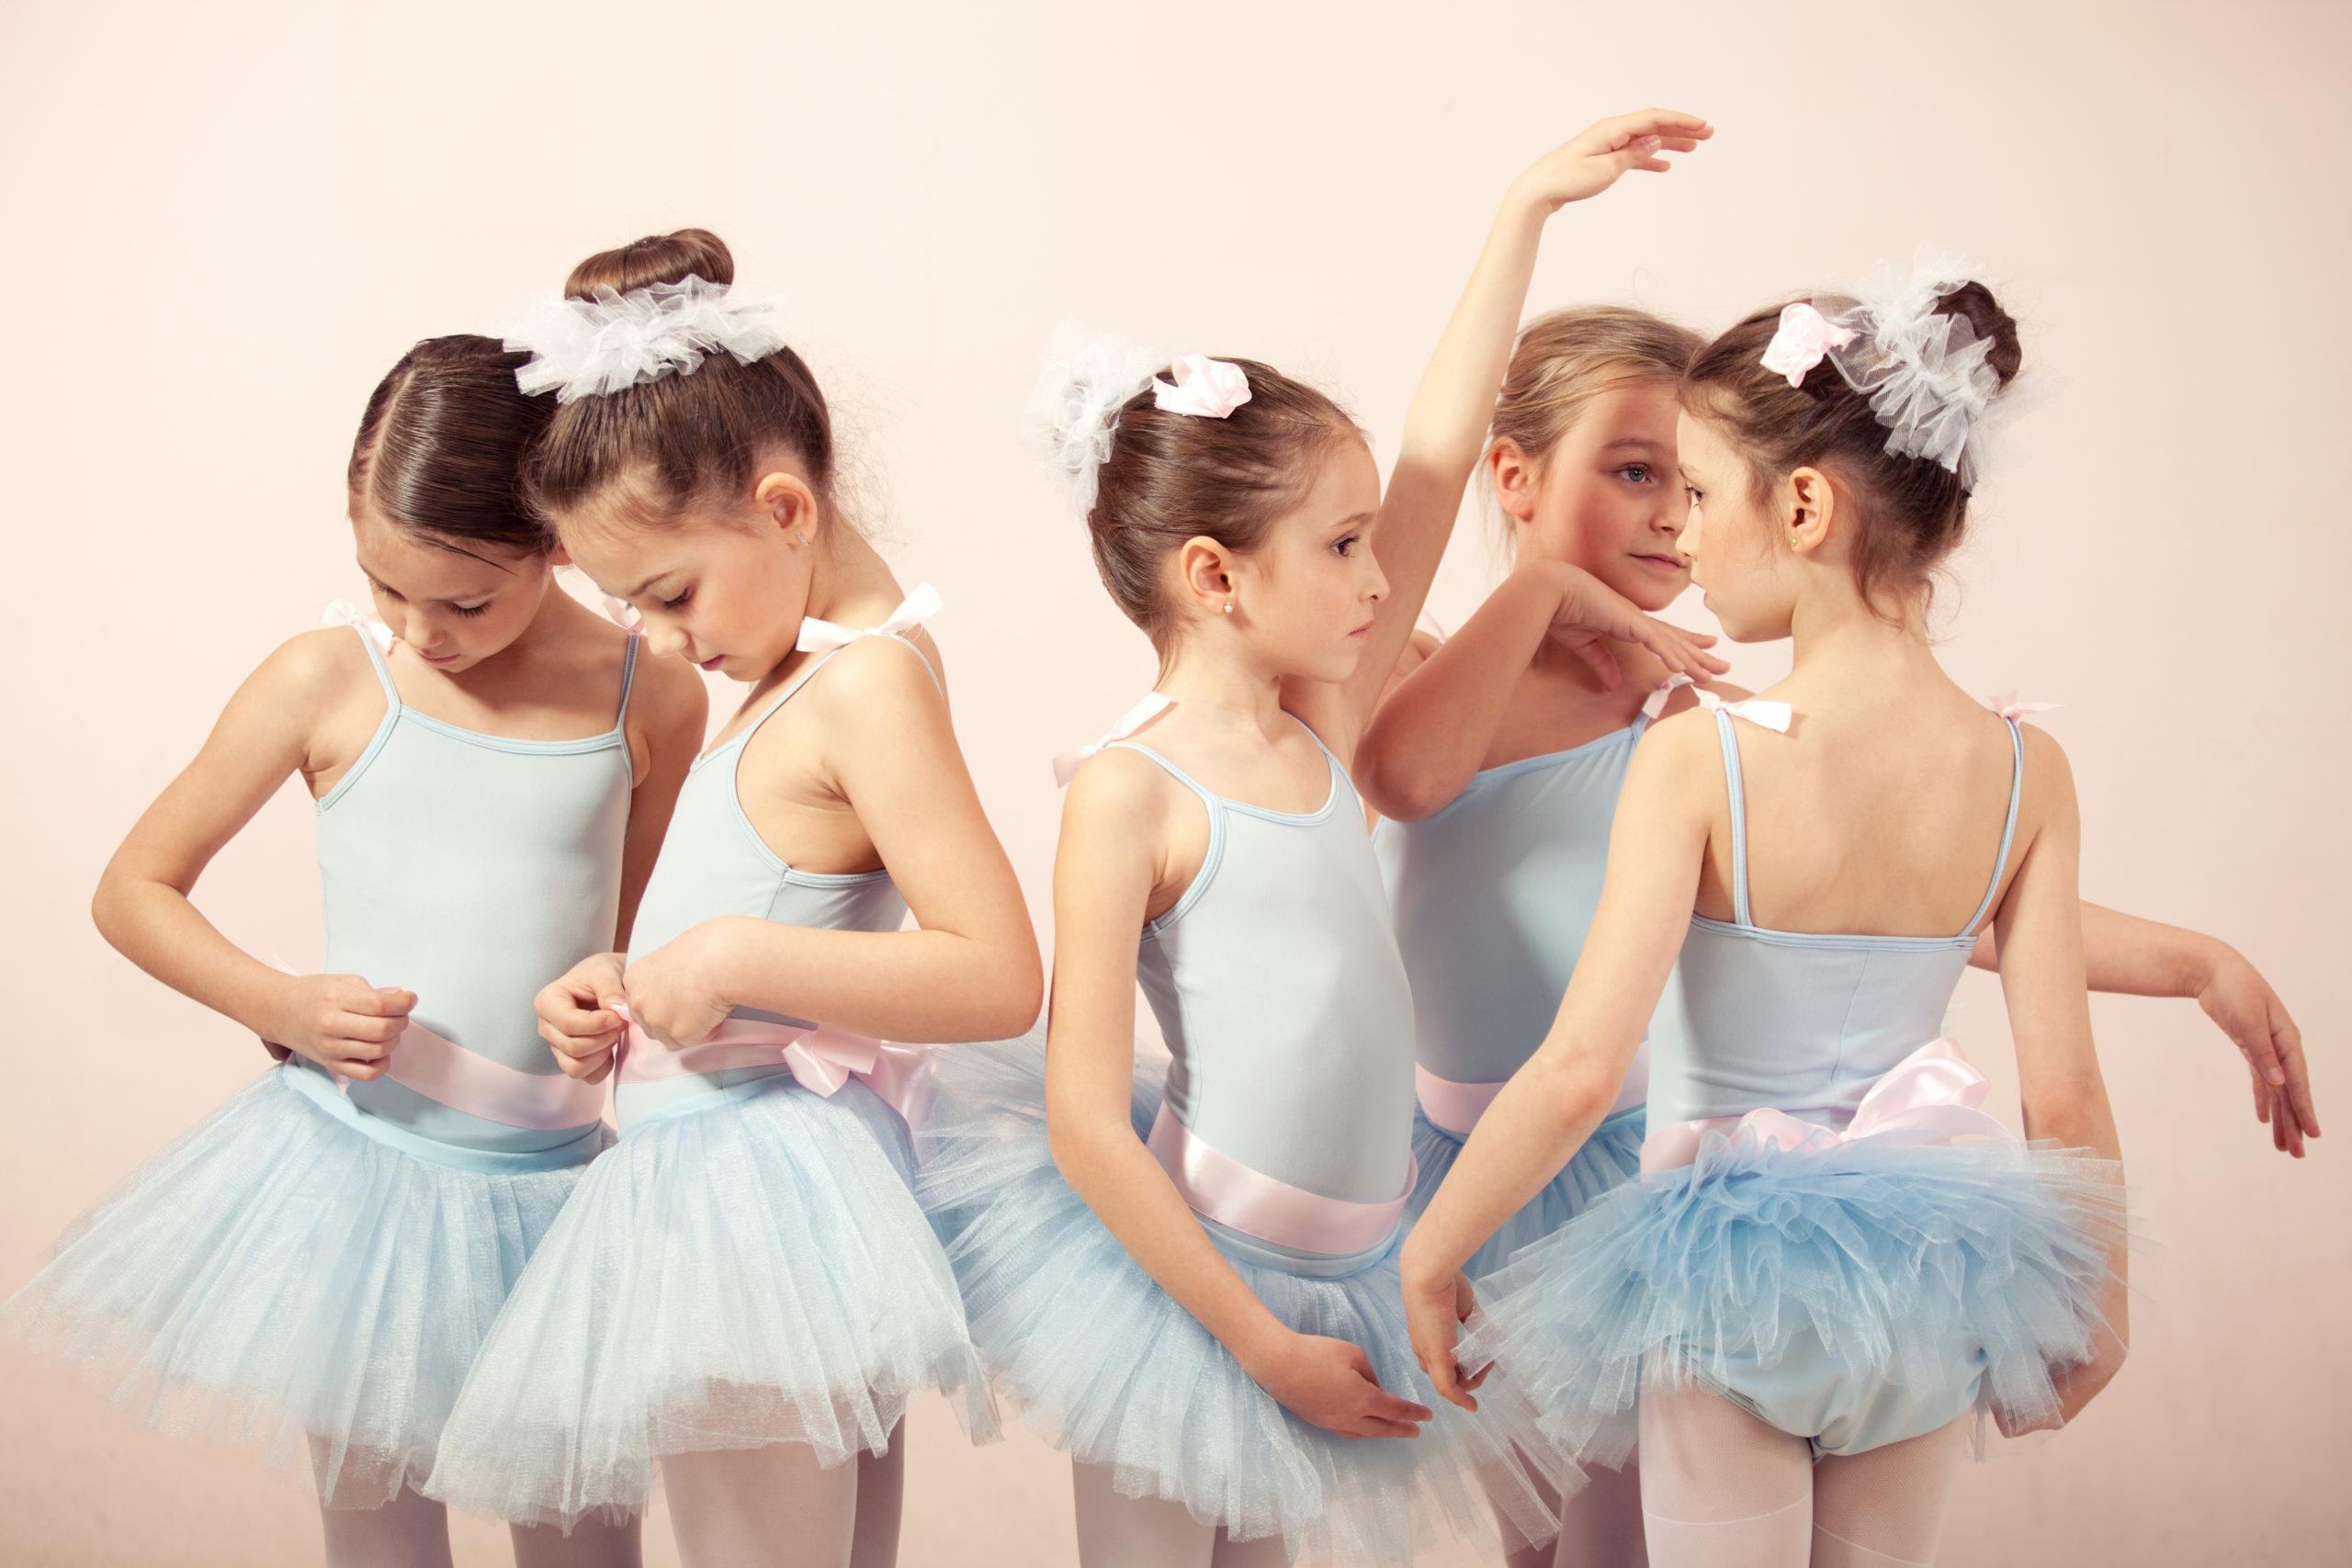 AdobeStock 82108696 scaled - Ballett für Profis